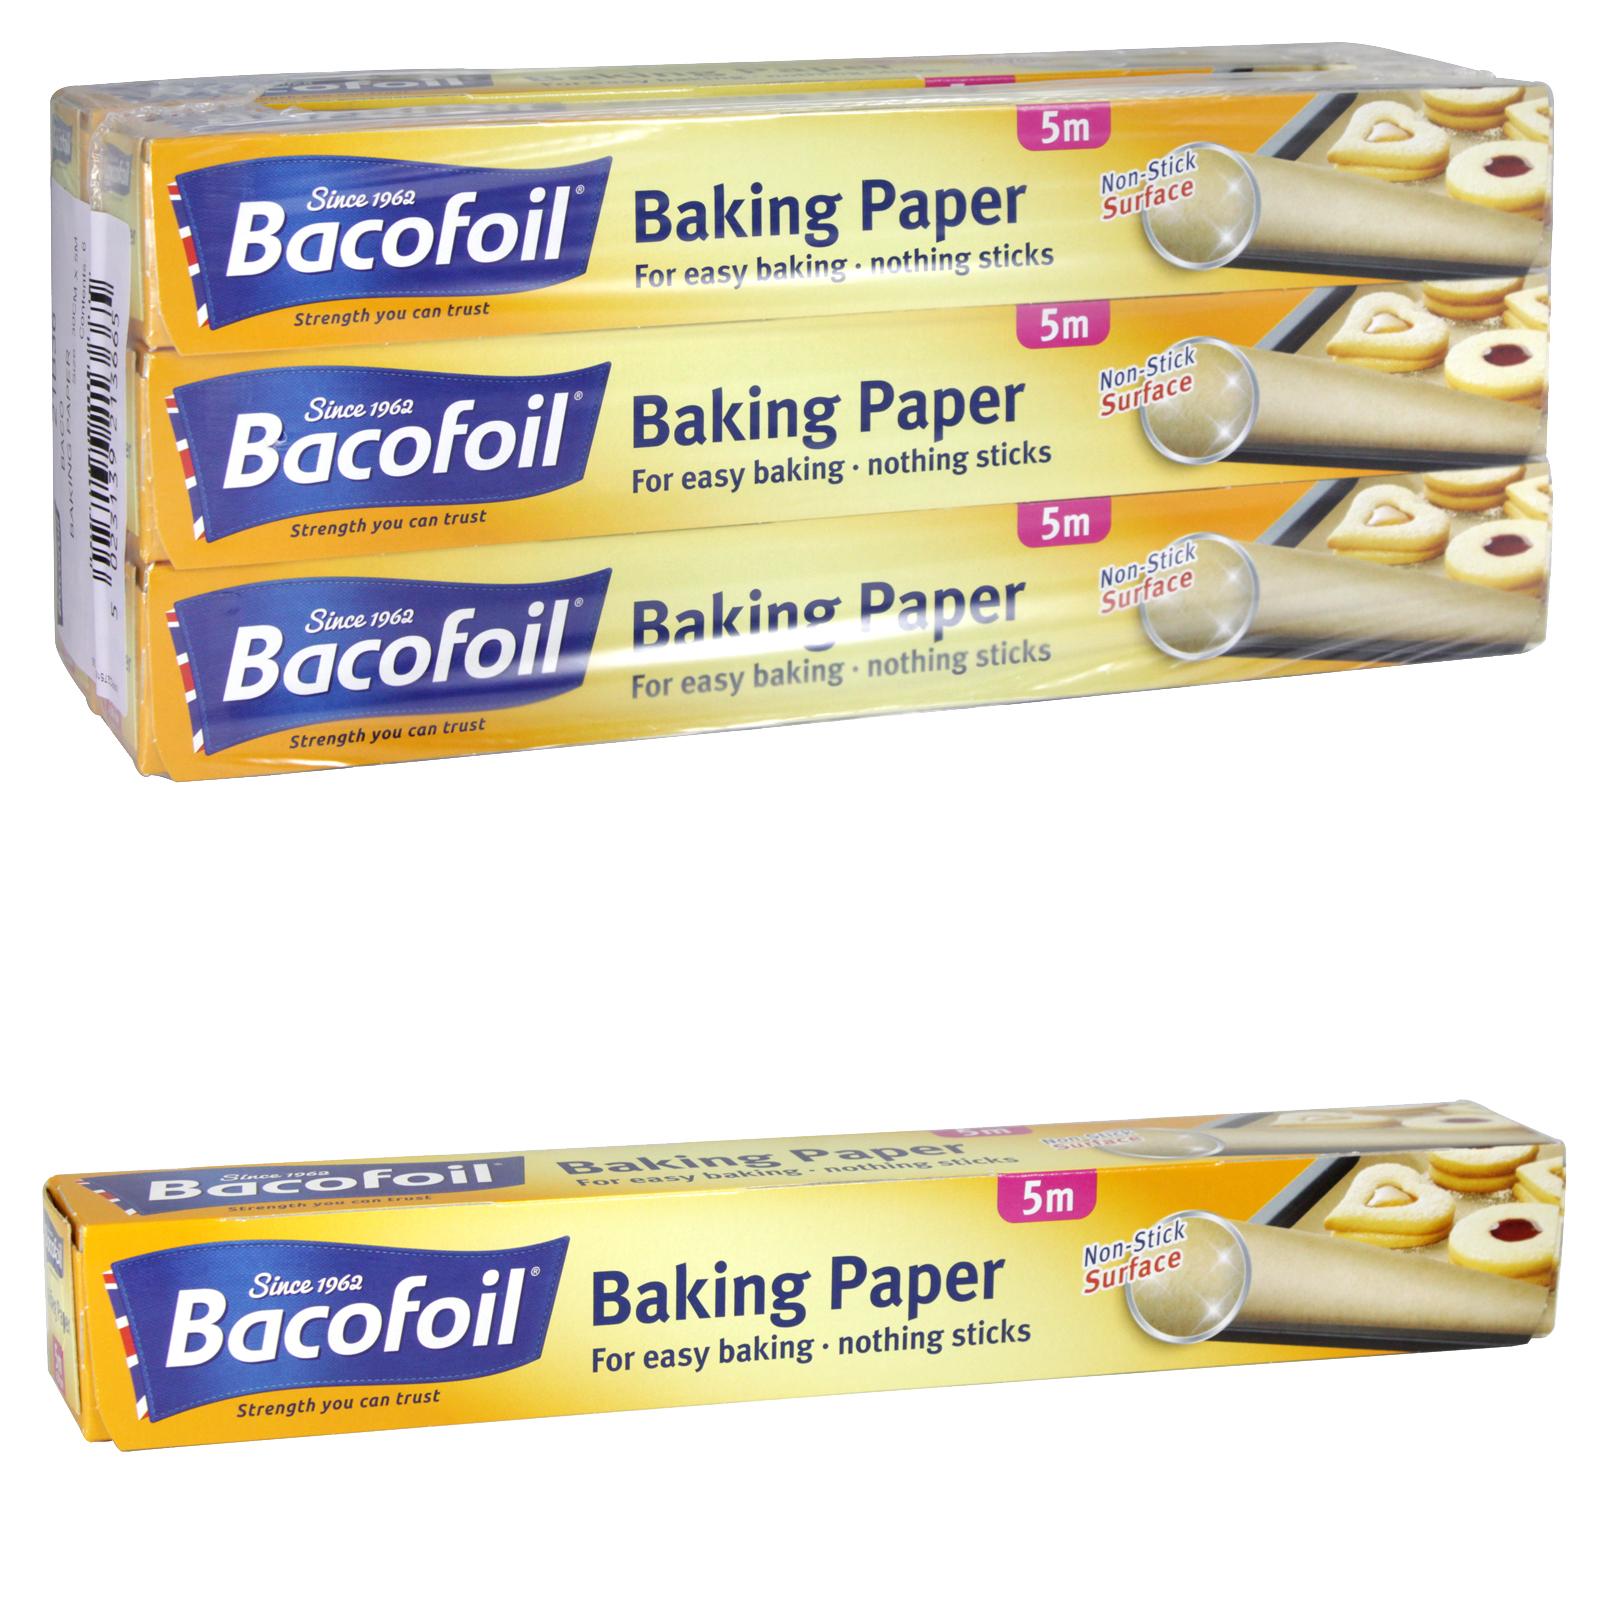 BACOFOIL BAKING PAPER NON-STICK PARCHMENT 300MMX5M X6